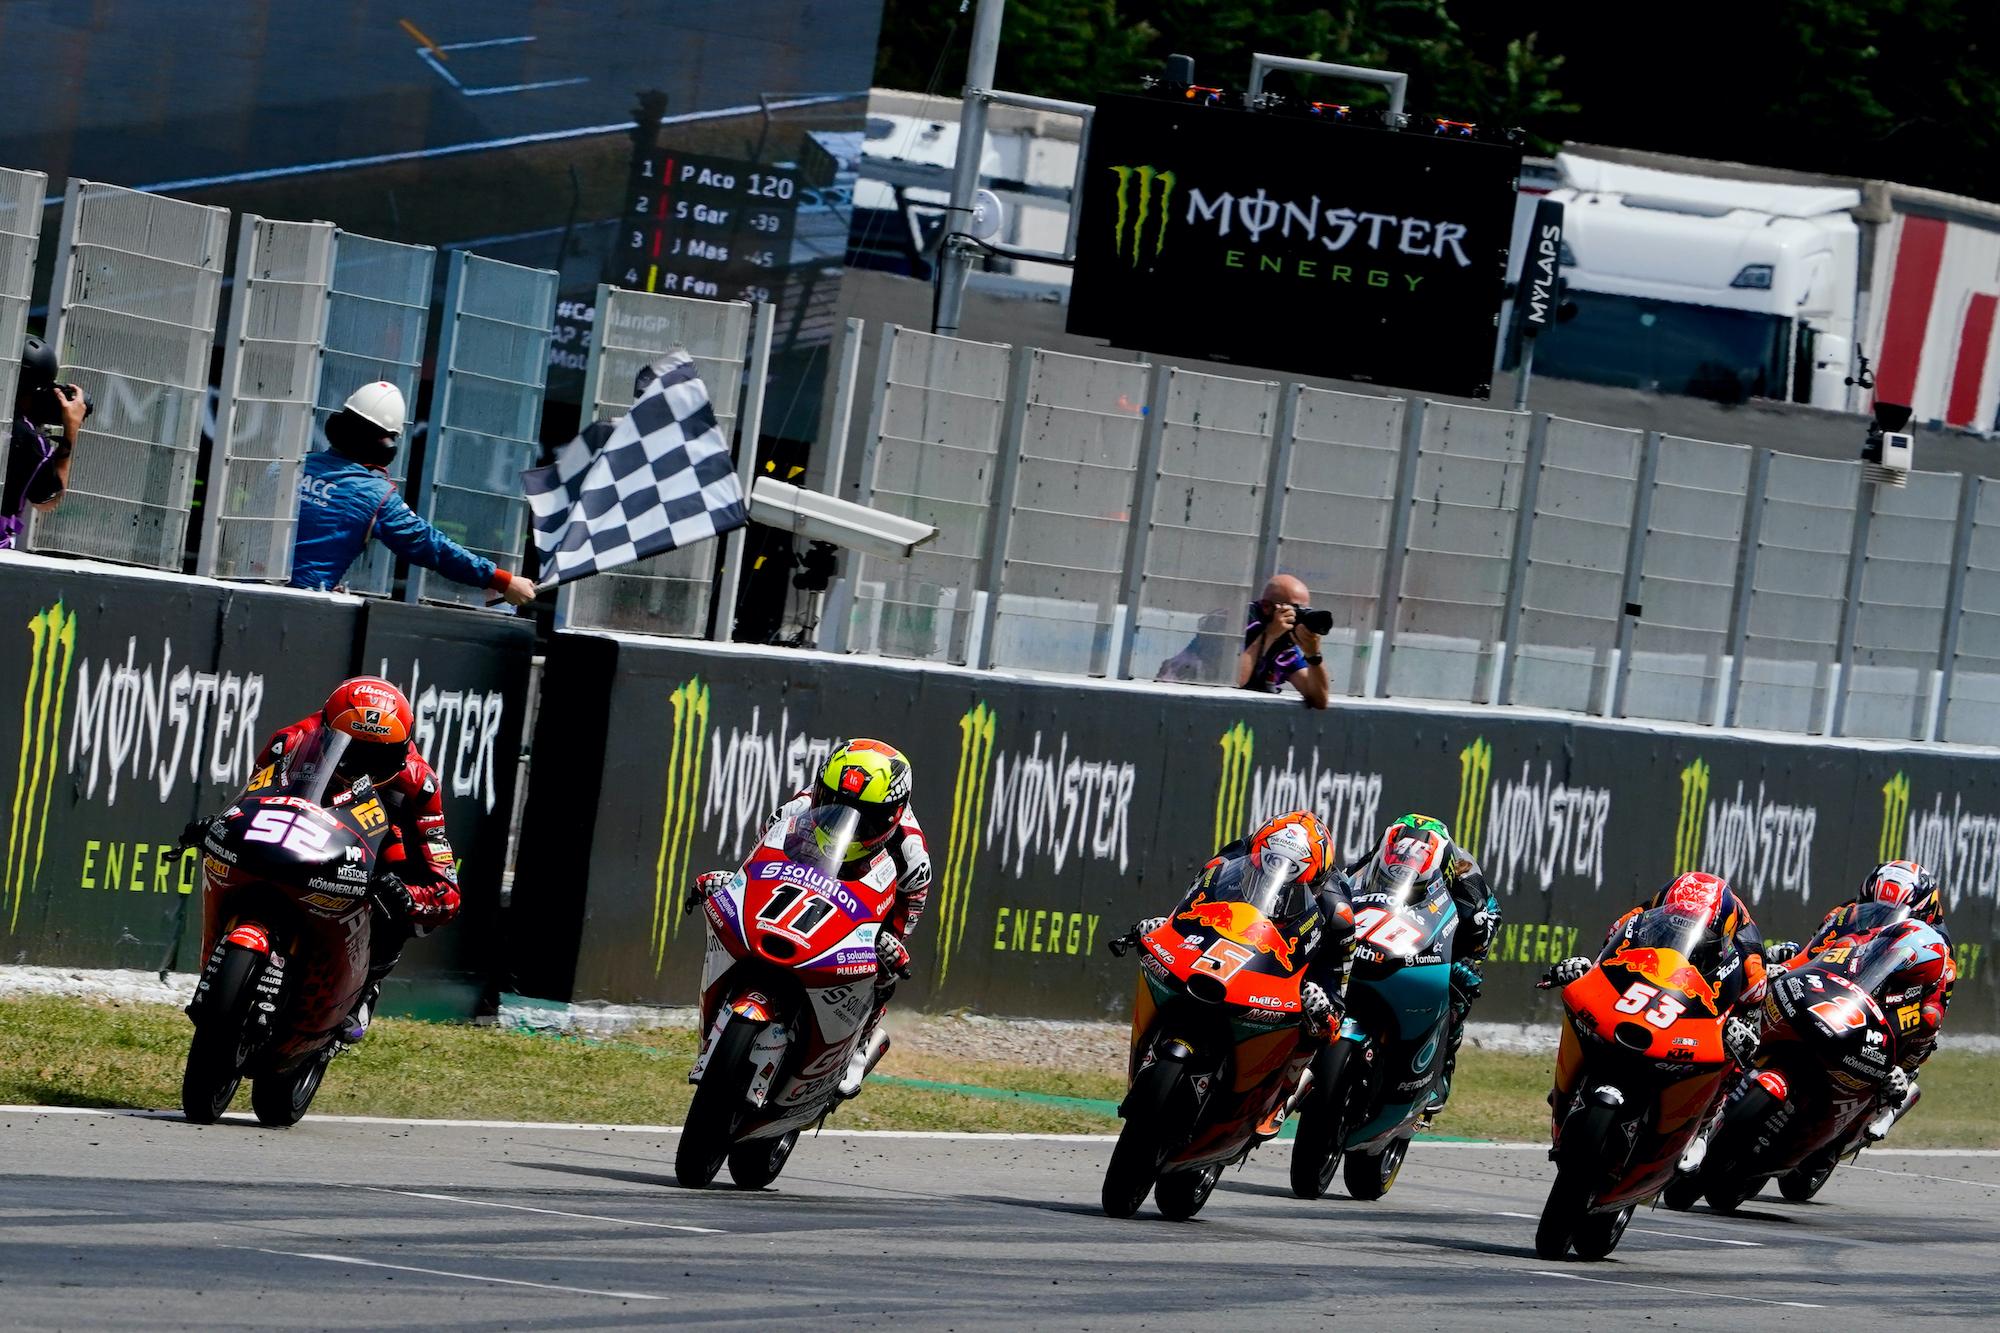 Finisz wyścigu Moto3 podczas GP Katalonii 2021